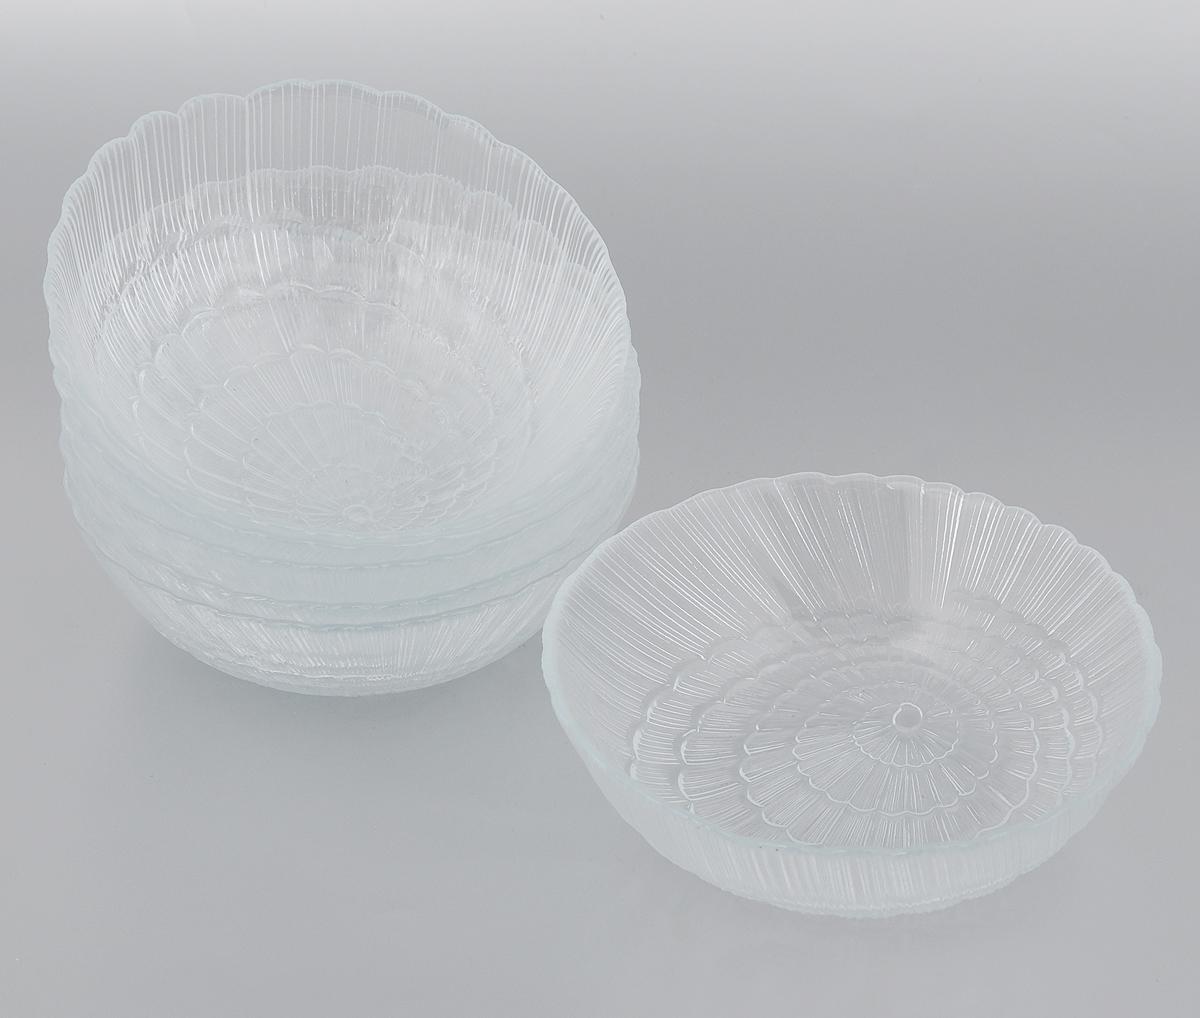 Набор салатников Pasabahce Atlantis, диаметр 15,5 см, 6 шт115510Набор Pasabahce Atlantis, выполненный из высококачественного натрий-кальций-силикатного стекла, состоит из шести салатников. Внешние стенки изделий декорированы в виде ракушки. Такие салатники прекрасно подойдут для сервировки стола и станут достойным оформлением для ваших любимых блюд. Изящный дизайн, высокое качество и функциональность набора Pasabahce Atlantis позволят ему стать достойным дополнением к вашему кухонному инвентарю.Можно мыть в посудомоечной машине, использовать в микроволновой печи, холодильнике и морозильной камере.Диаметр салатника: 15,5 см.